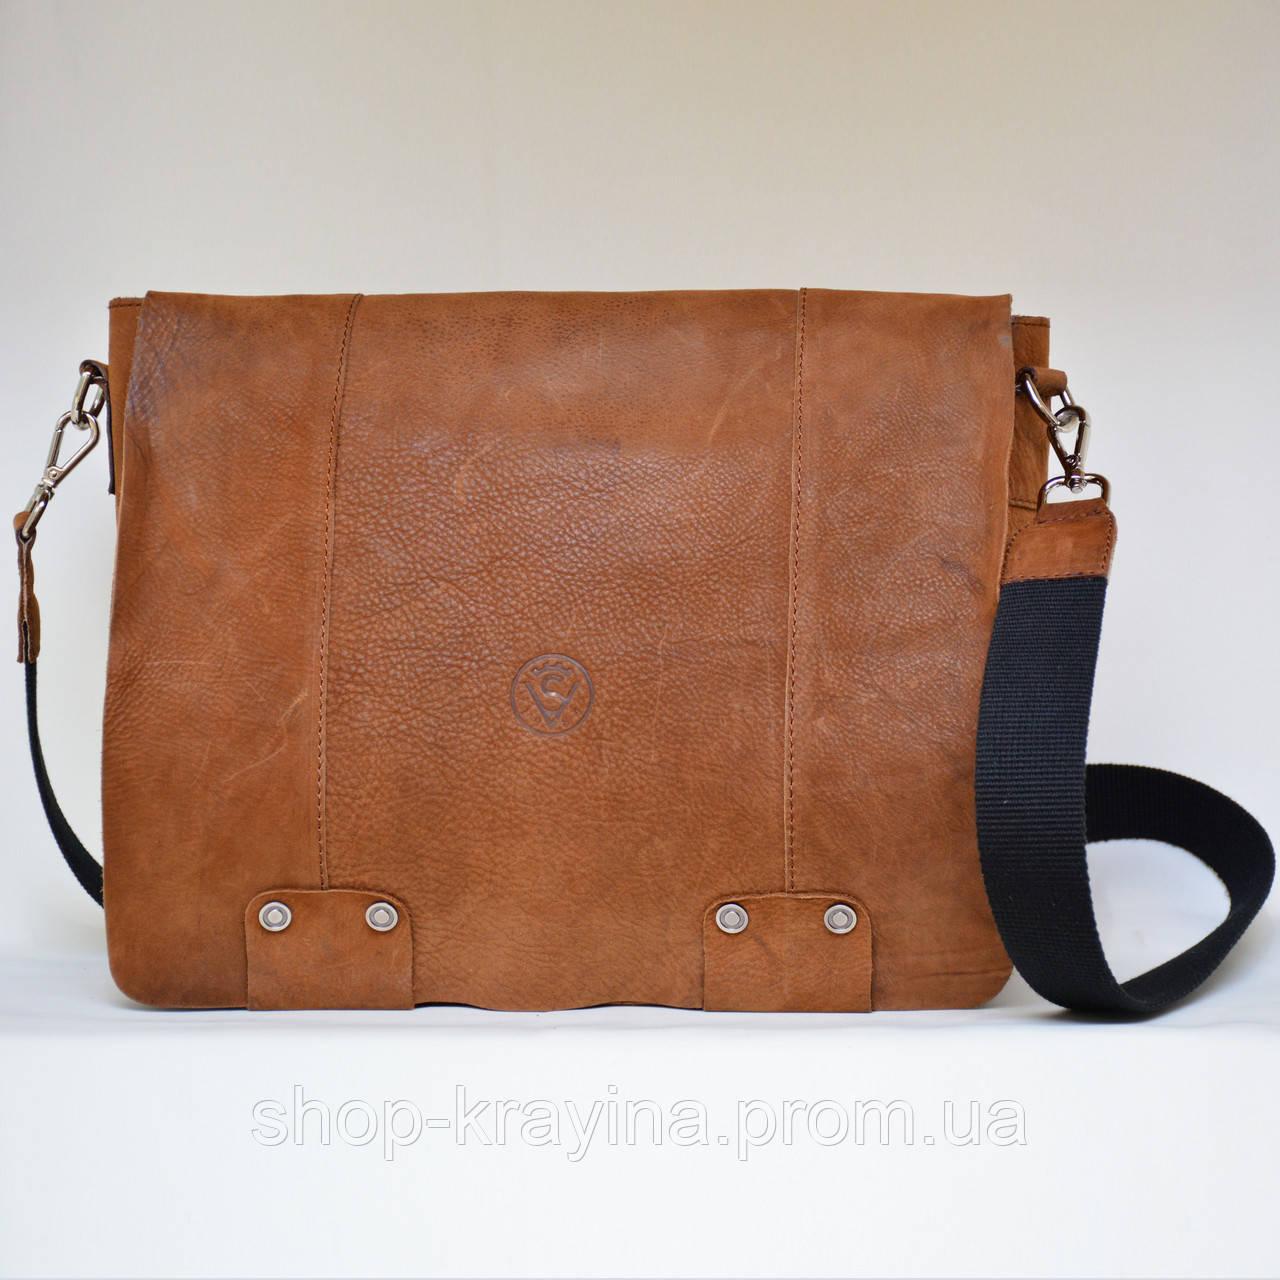 Кожаная сумка VS78 ginger 33х28х9 см